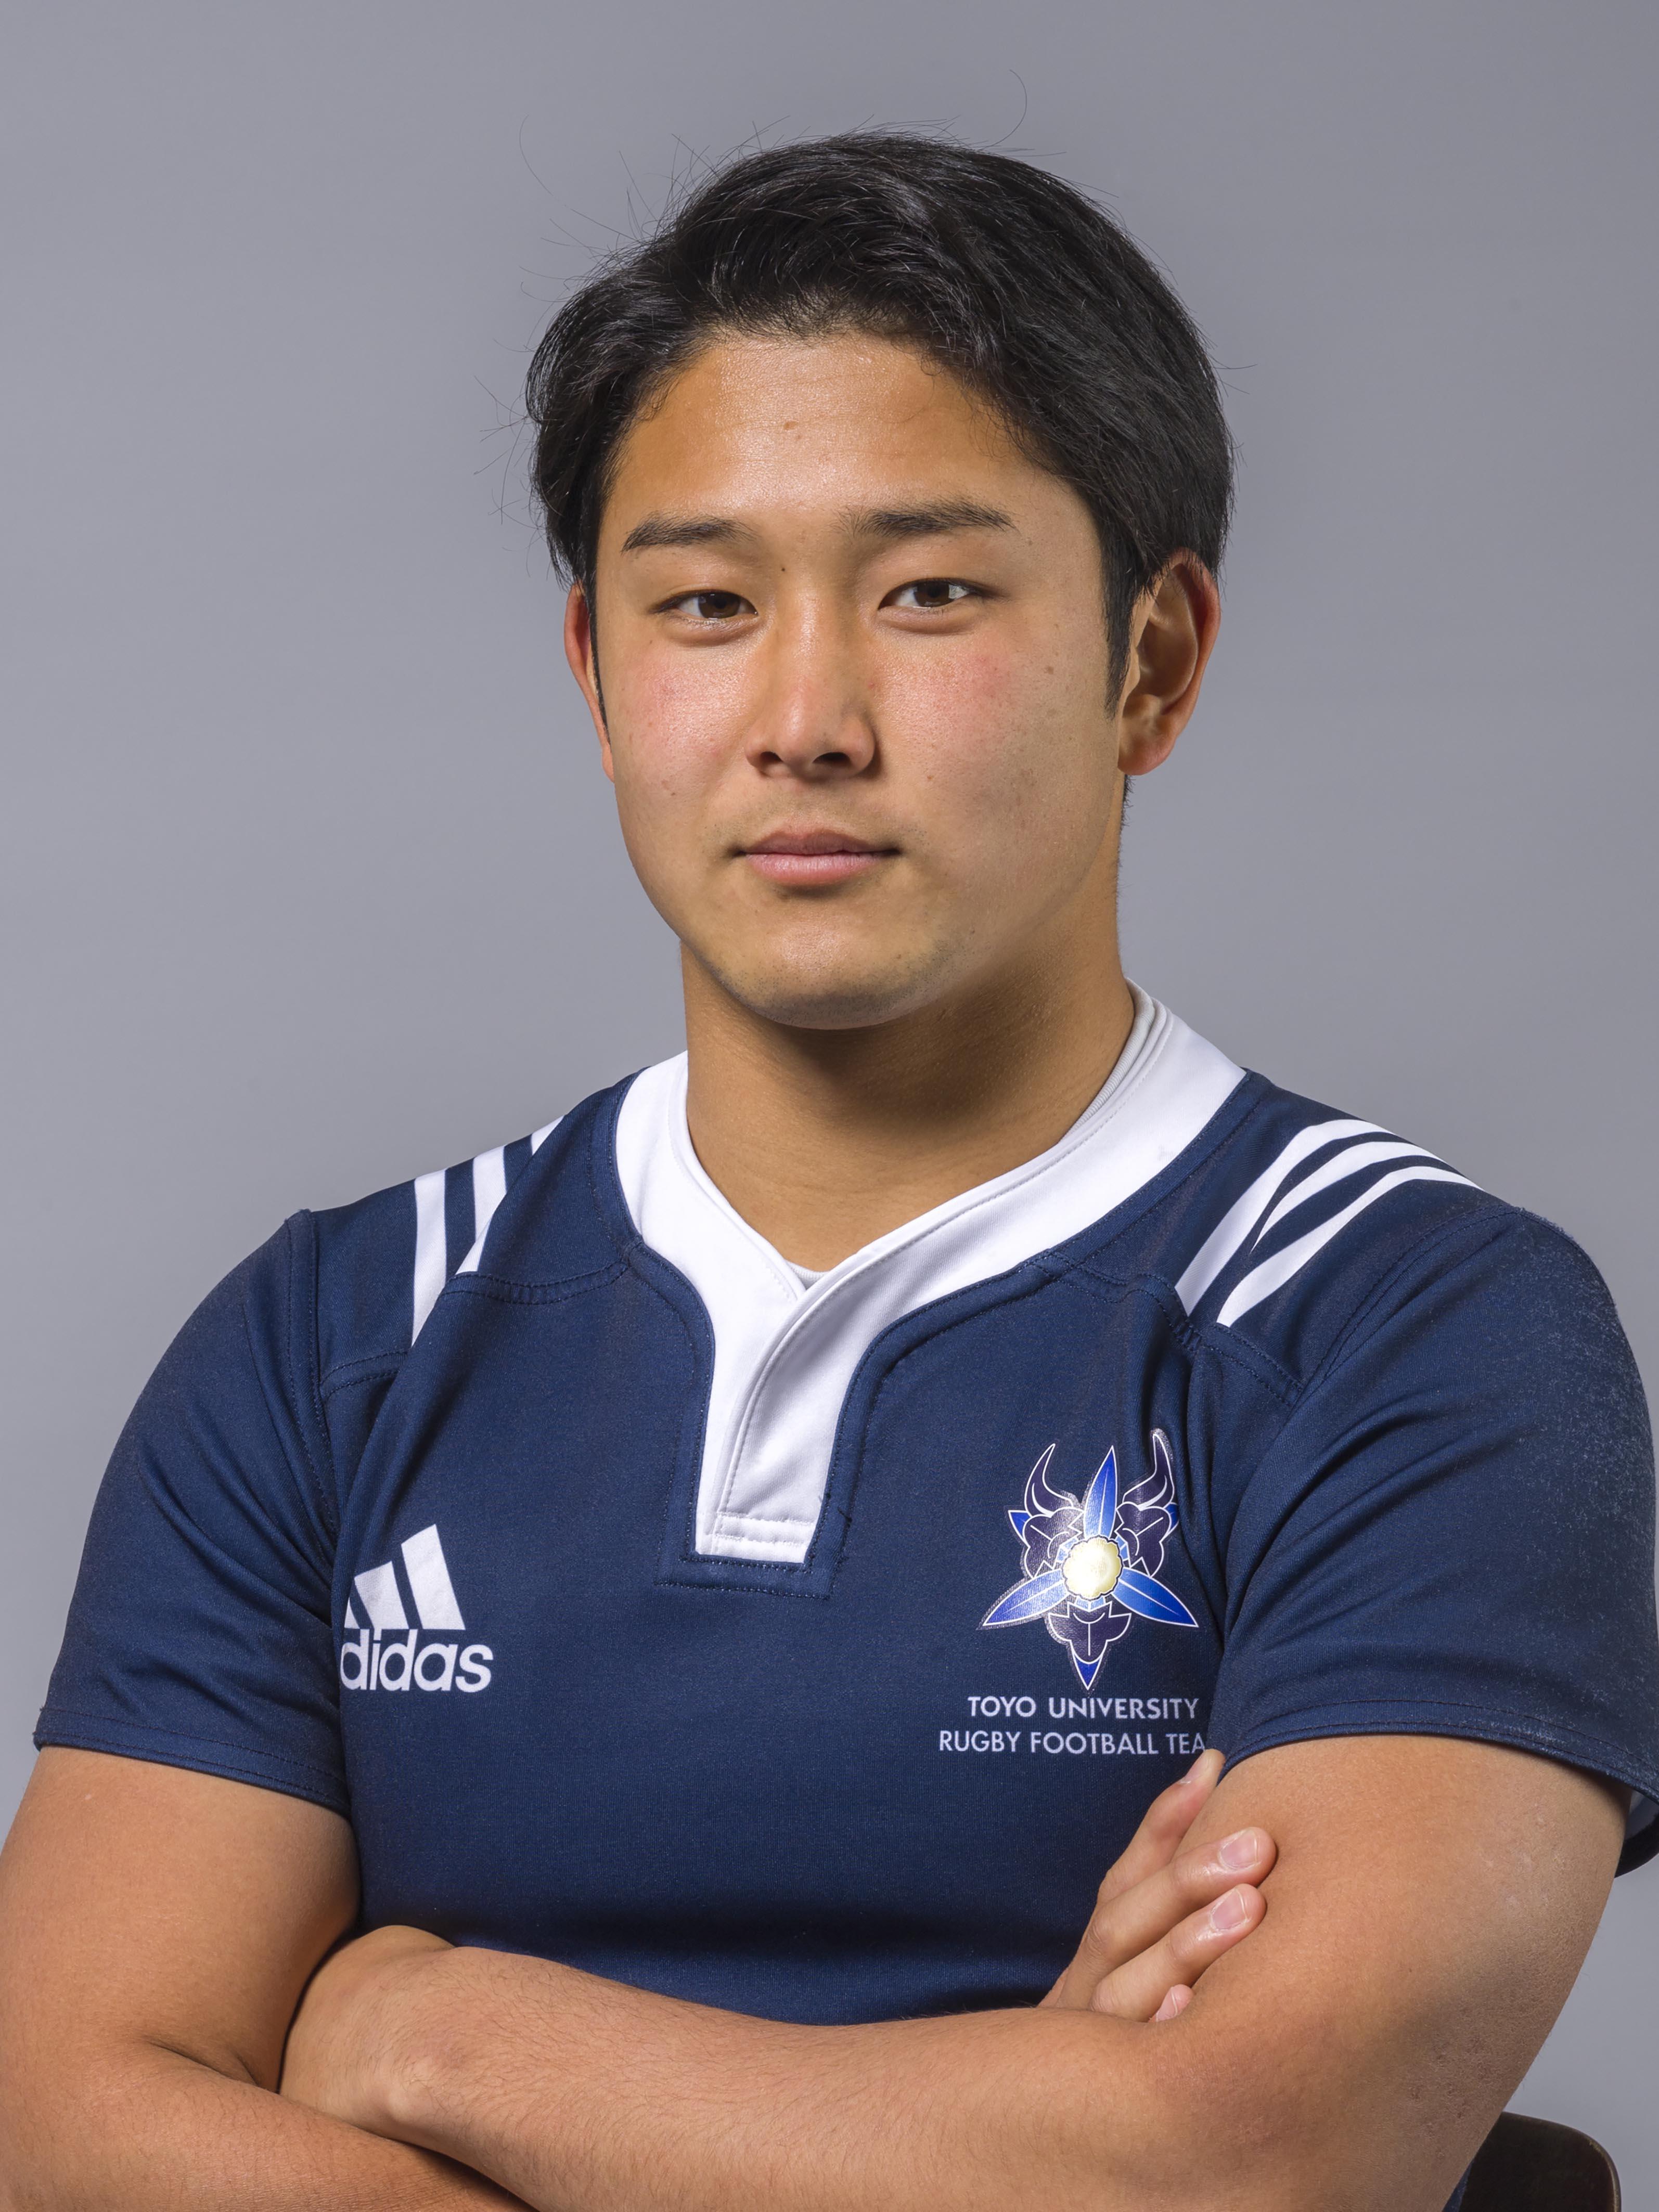 杉野幹太 / BKリーダー